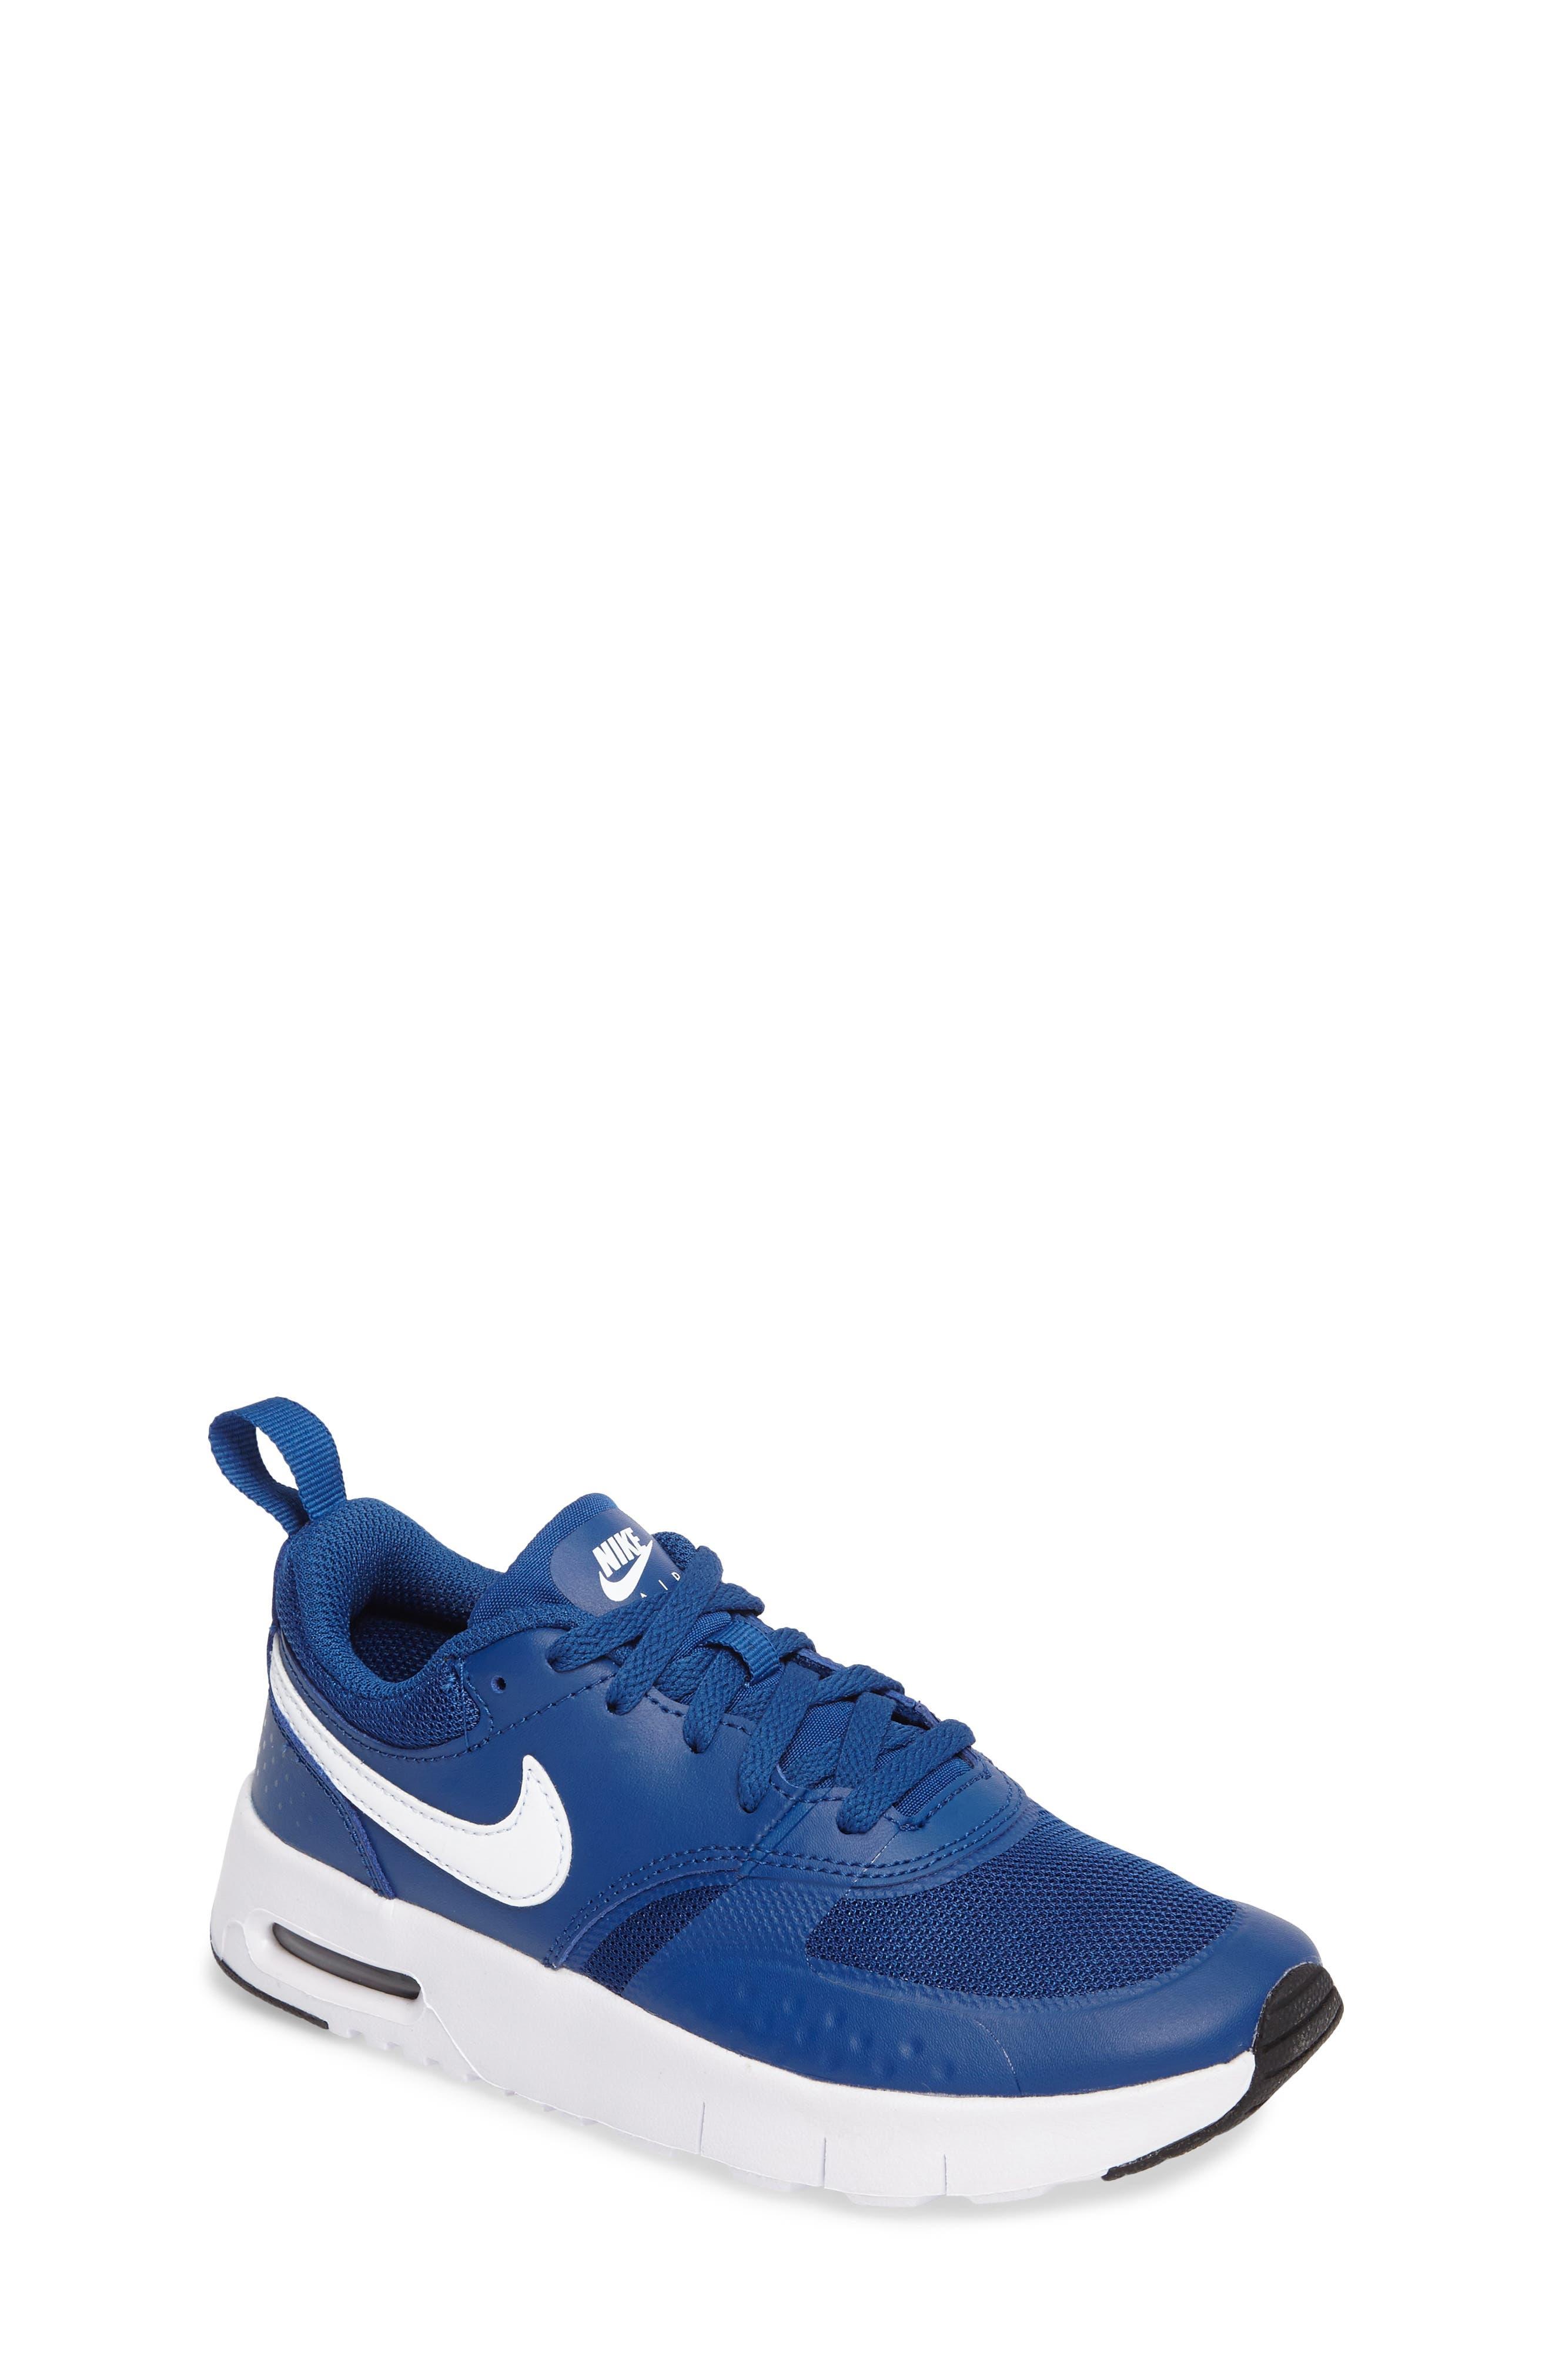 Air Max Vision Sneaker,                             Main thumbnail 3, color,